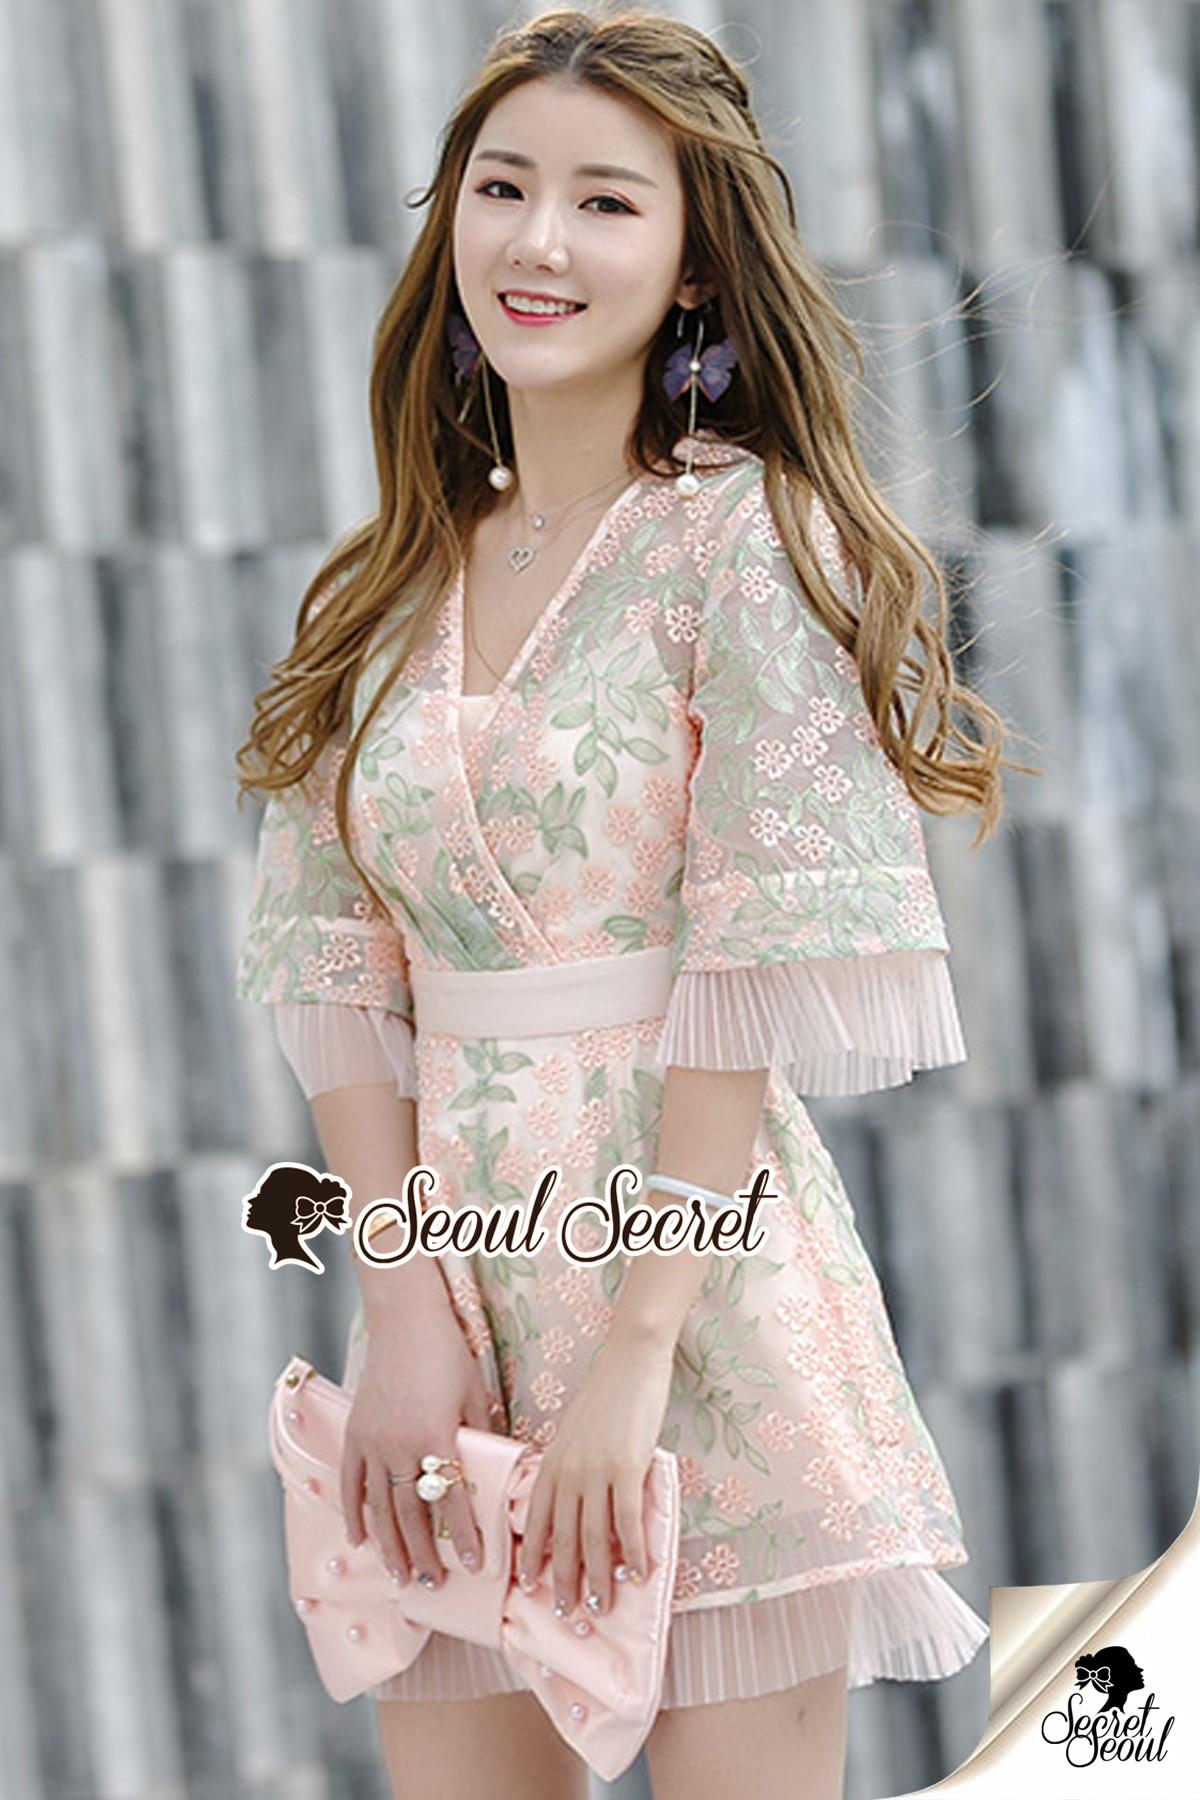 เสื้อผ้าเกาหลีพร้อมส่ง สวยหวานด้วยทรงจั้มสูทกางเกงขาสั้น